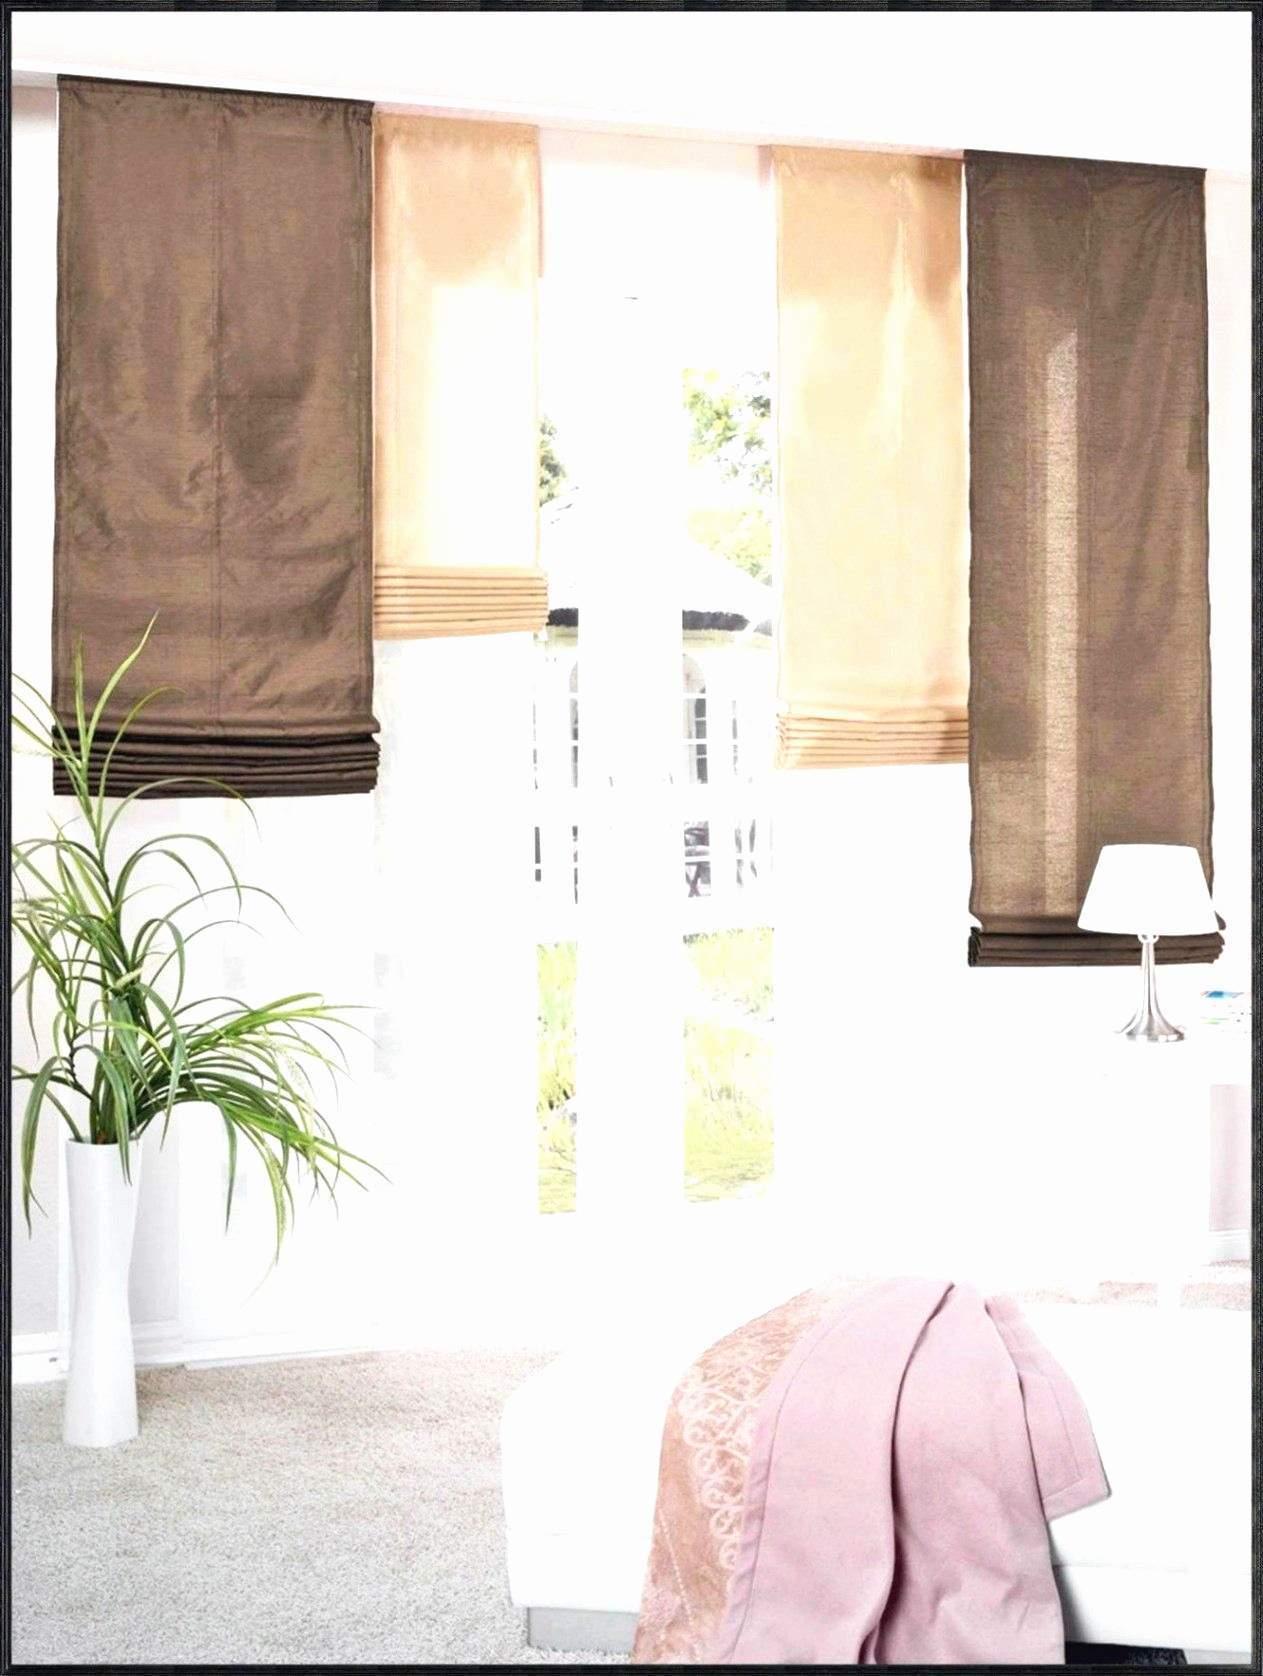 Full Size of Gardinen Ikea Wohnzimmer Luxus 40 Elegant Vorhang Küche Wasserhahn Nolte Sideboard Kleine Einrichten Industrial Billig Vorratsdosen Kosten Eckschrank Wohnzimmer Gardinen Küche Ikea